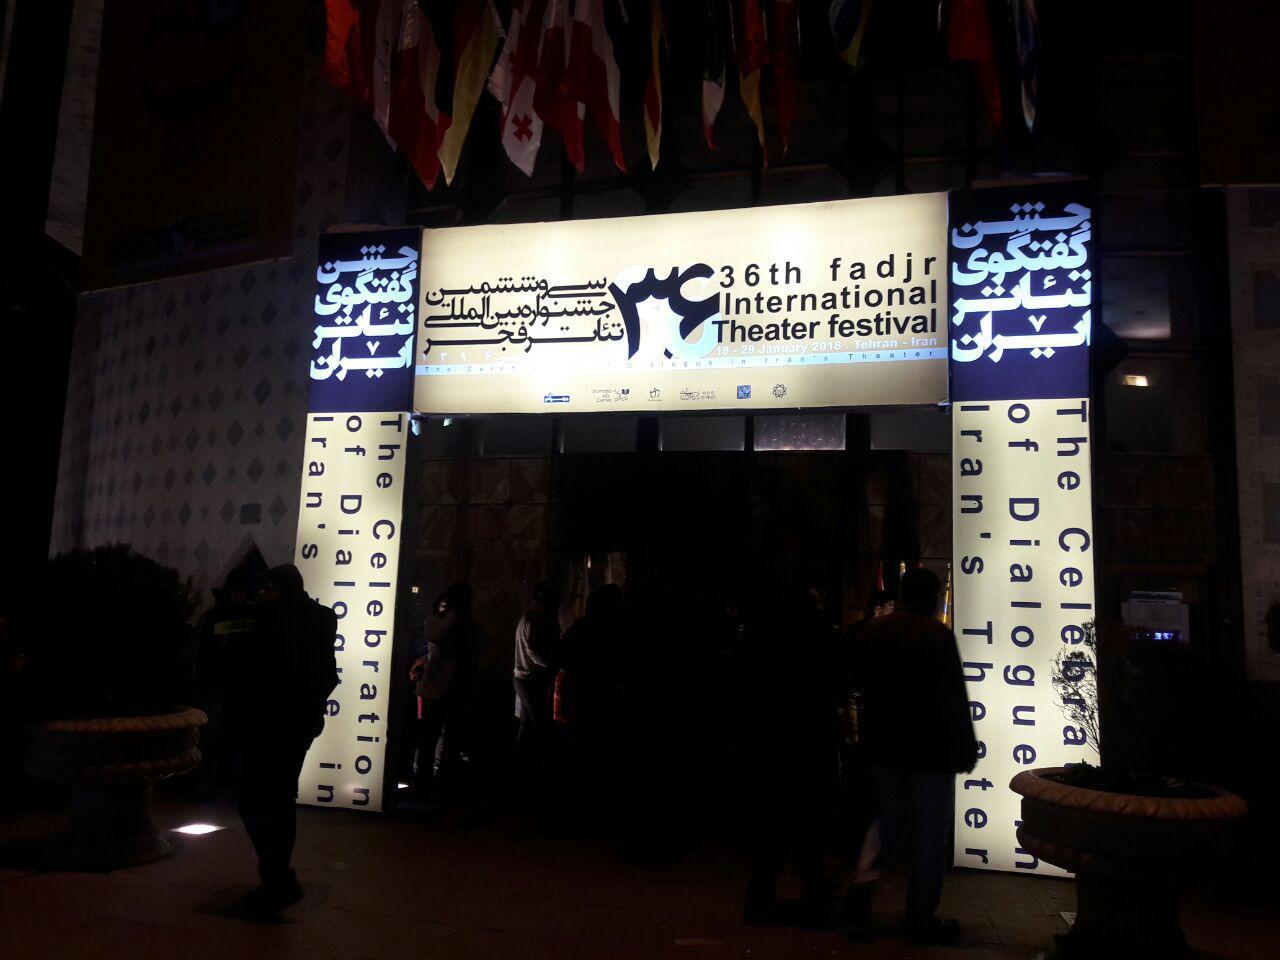 روز سوم جشنواره تئاتر فجر با 8 نمایش